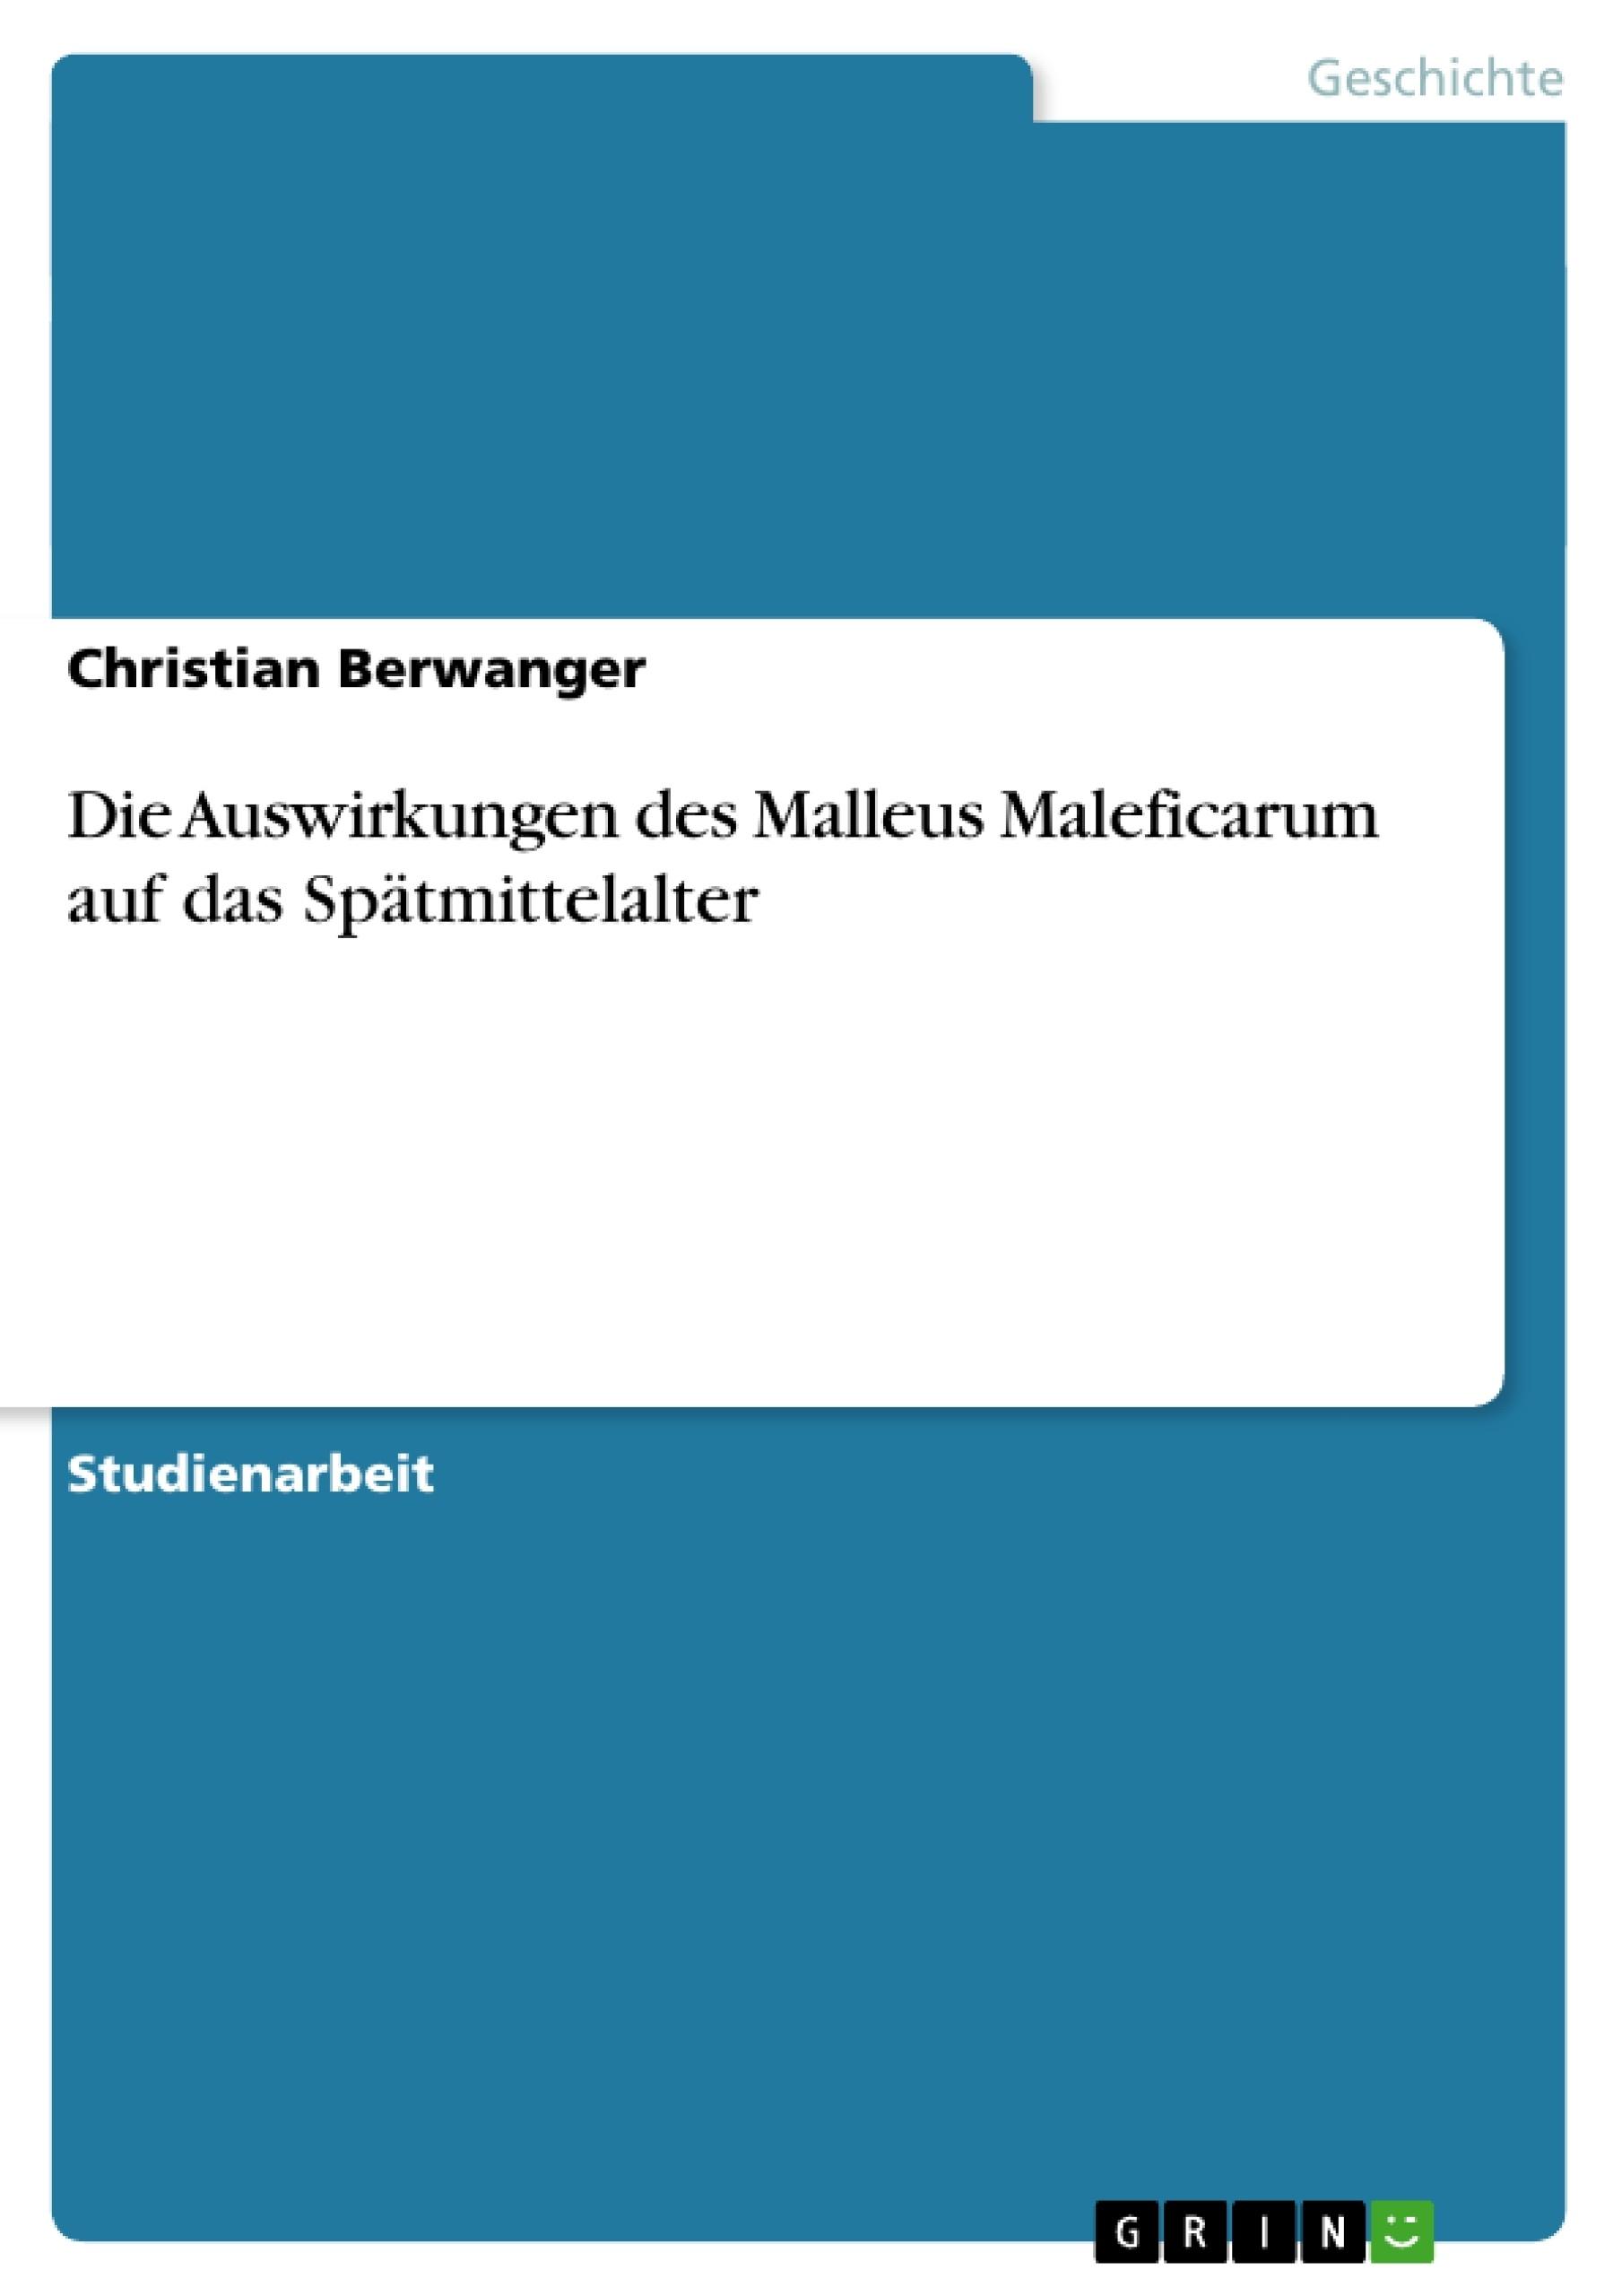 Titel: Die Auswirkungen des Malleus Maleficarum auf das Spätmittelalter